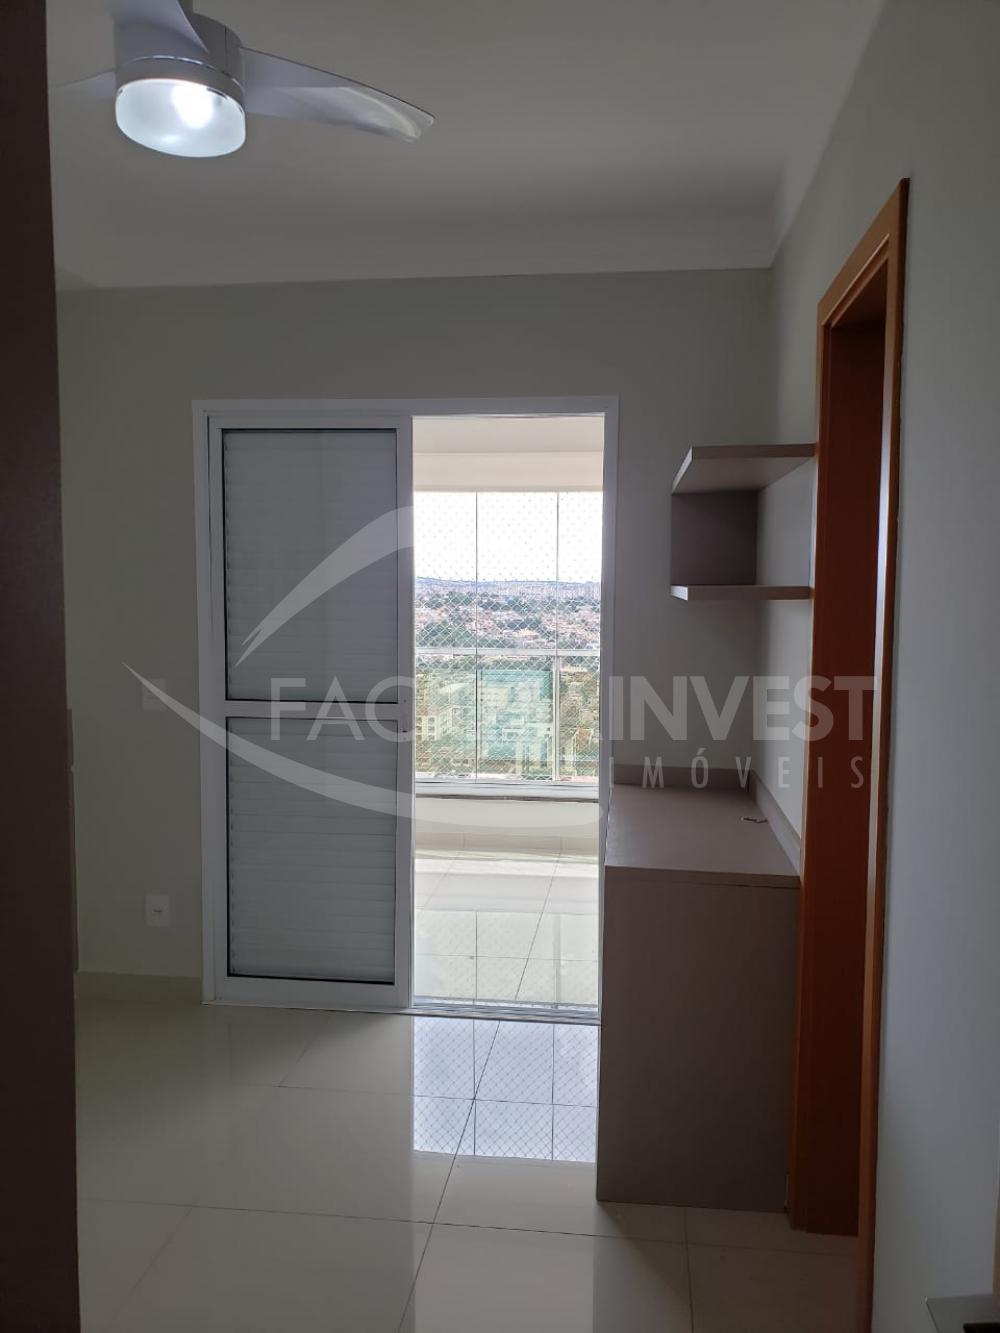 Alugar Apartamentos / Apart. Padrão em Ribeirão Preto apenas R$ 3.300,00 - Foto 20